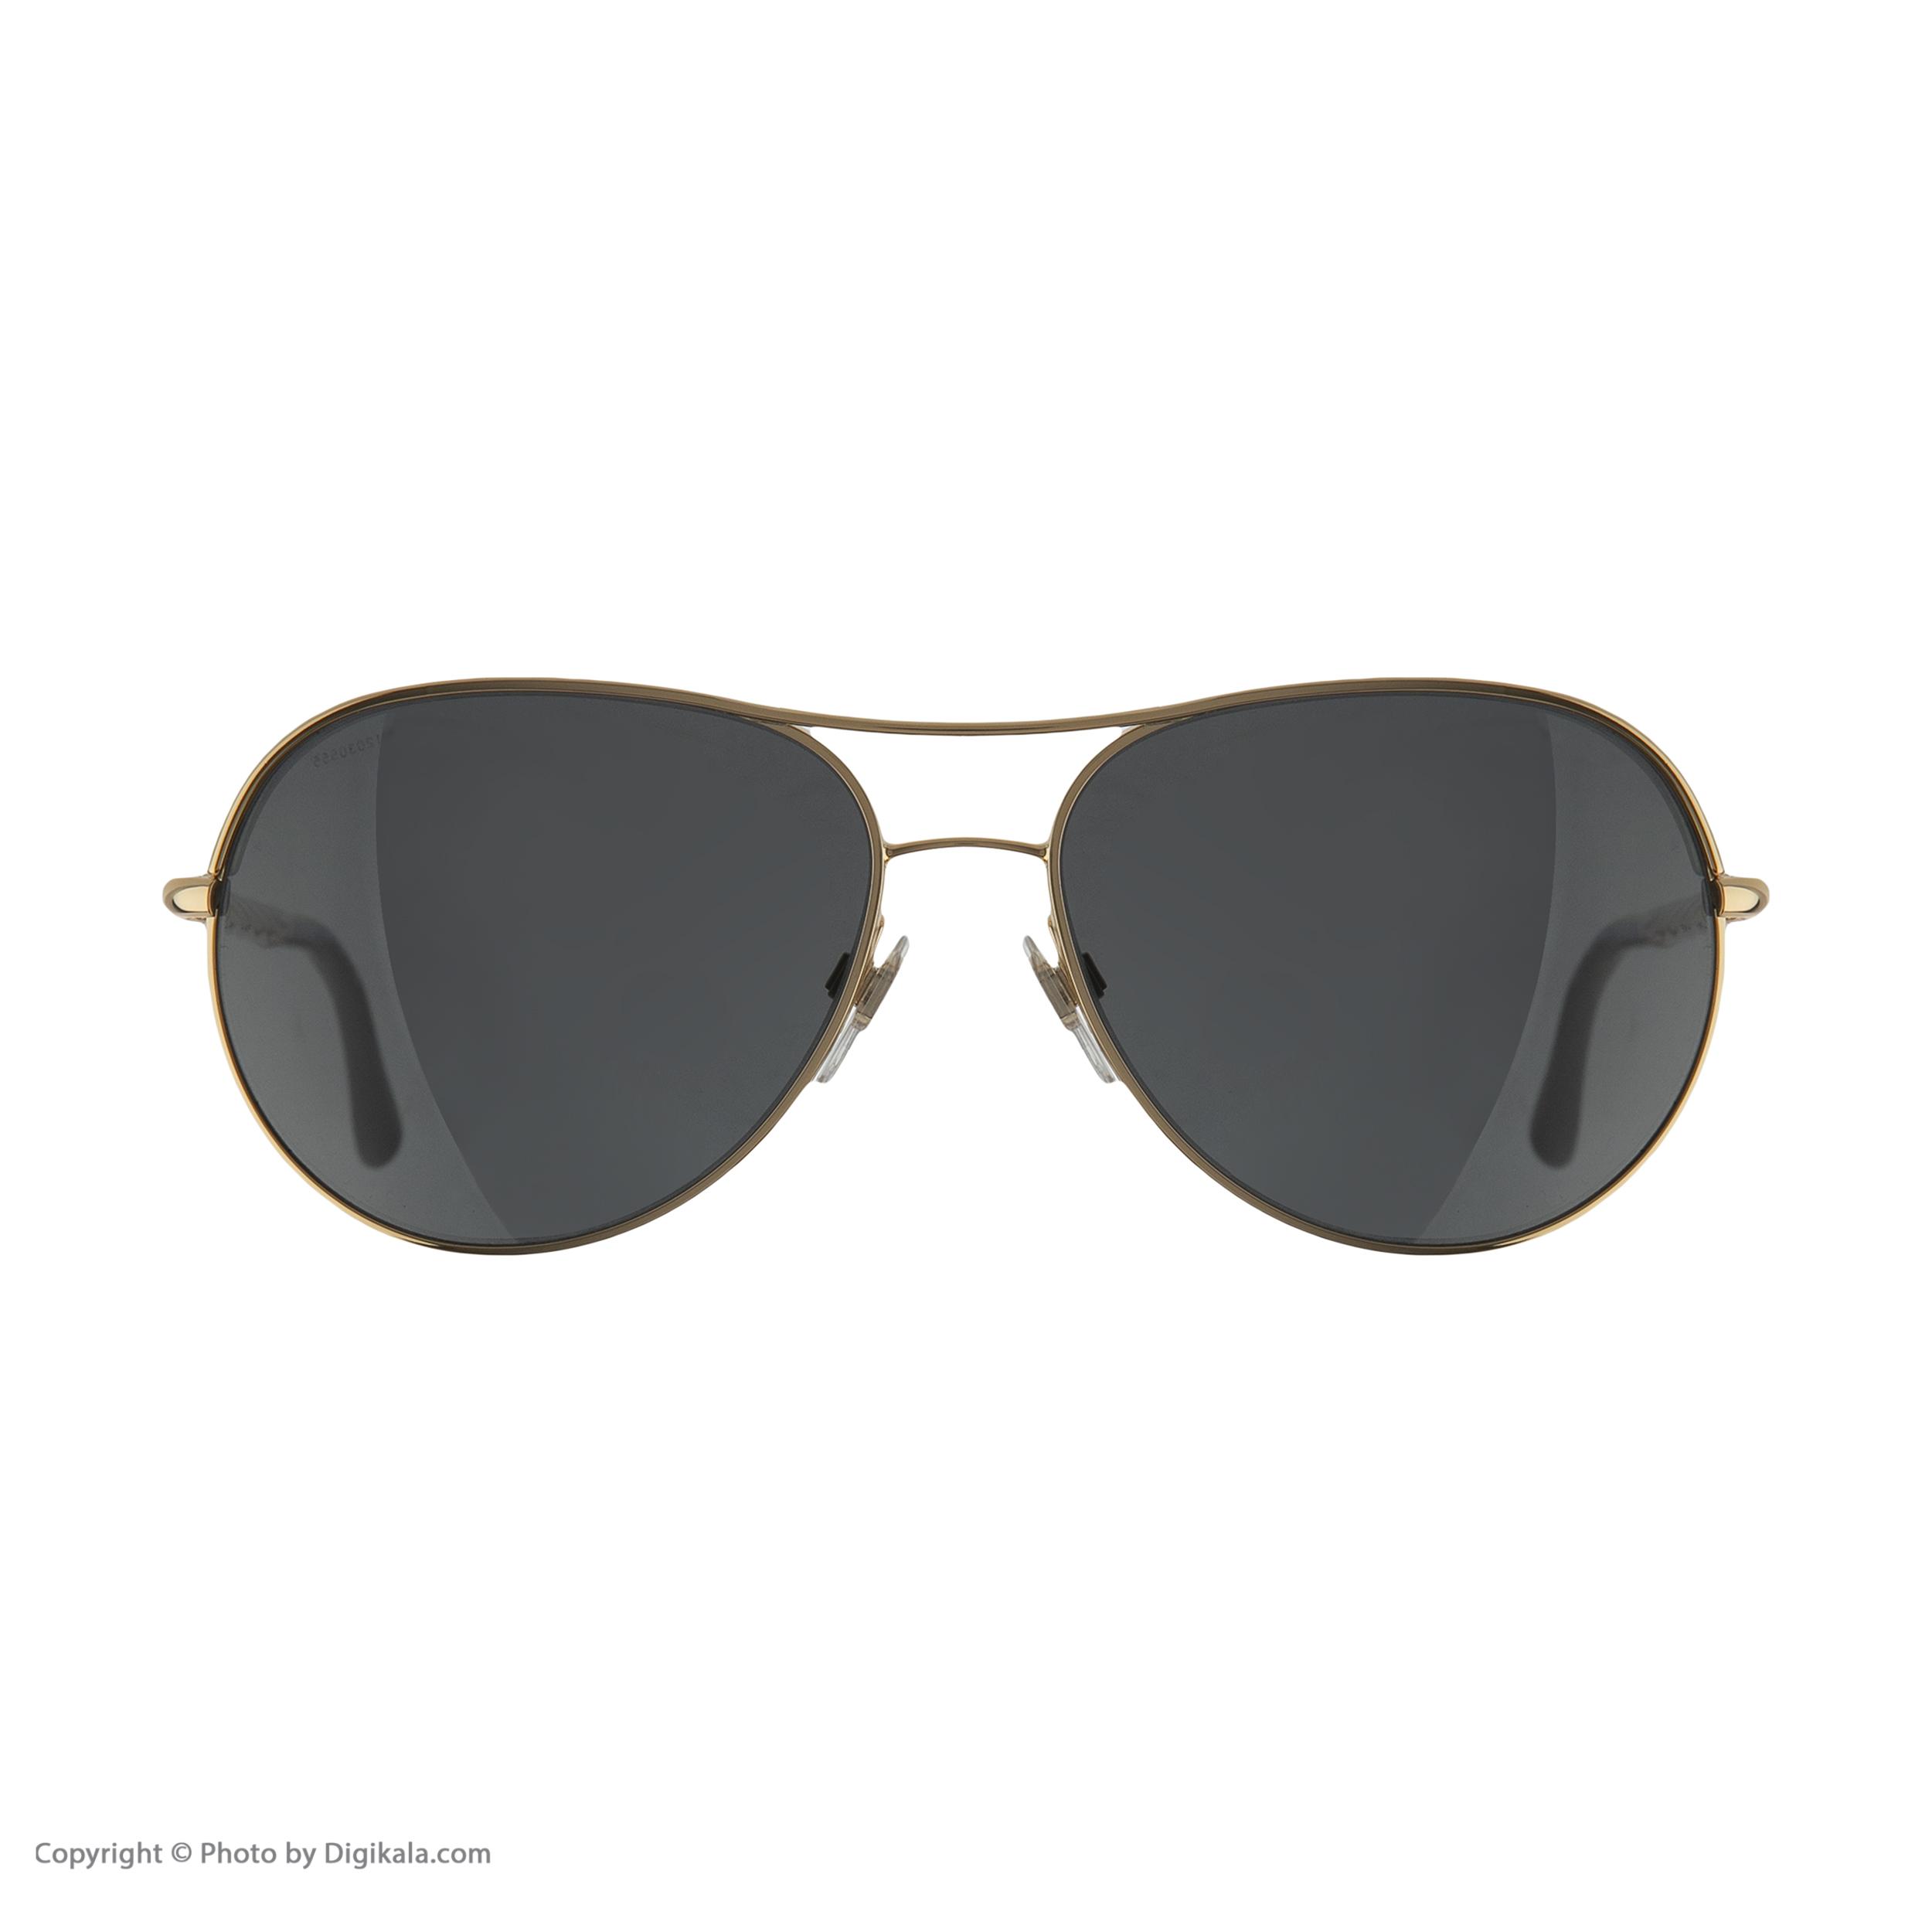 عینک آفتابی زنانه بربری مدل BE 3082S 121087 57 -  - 3